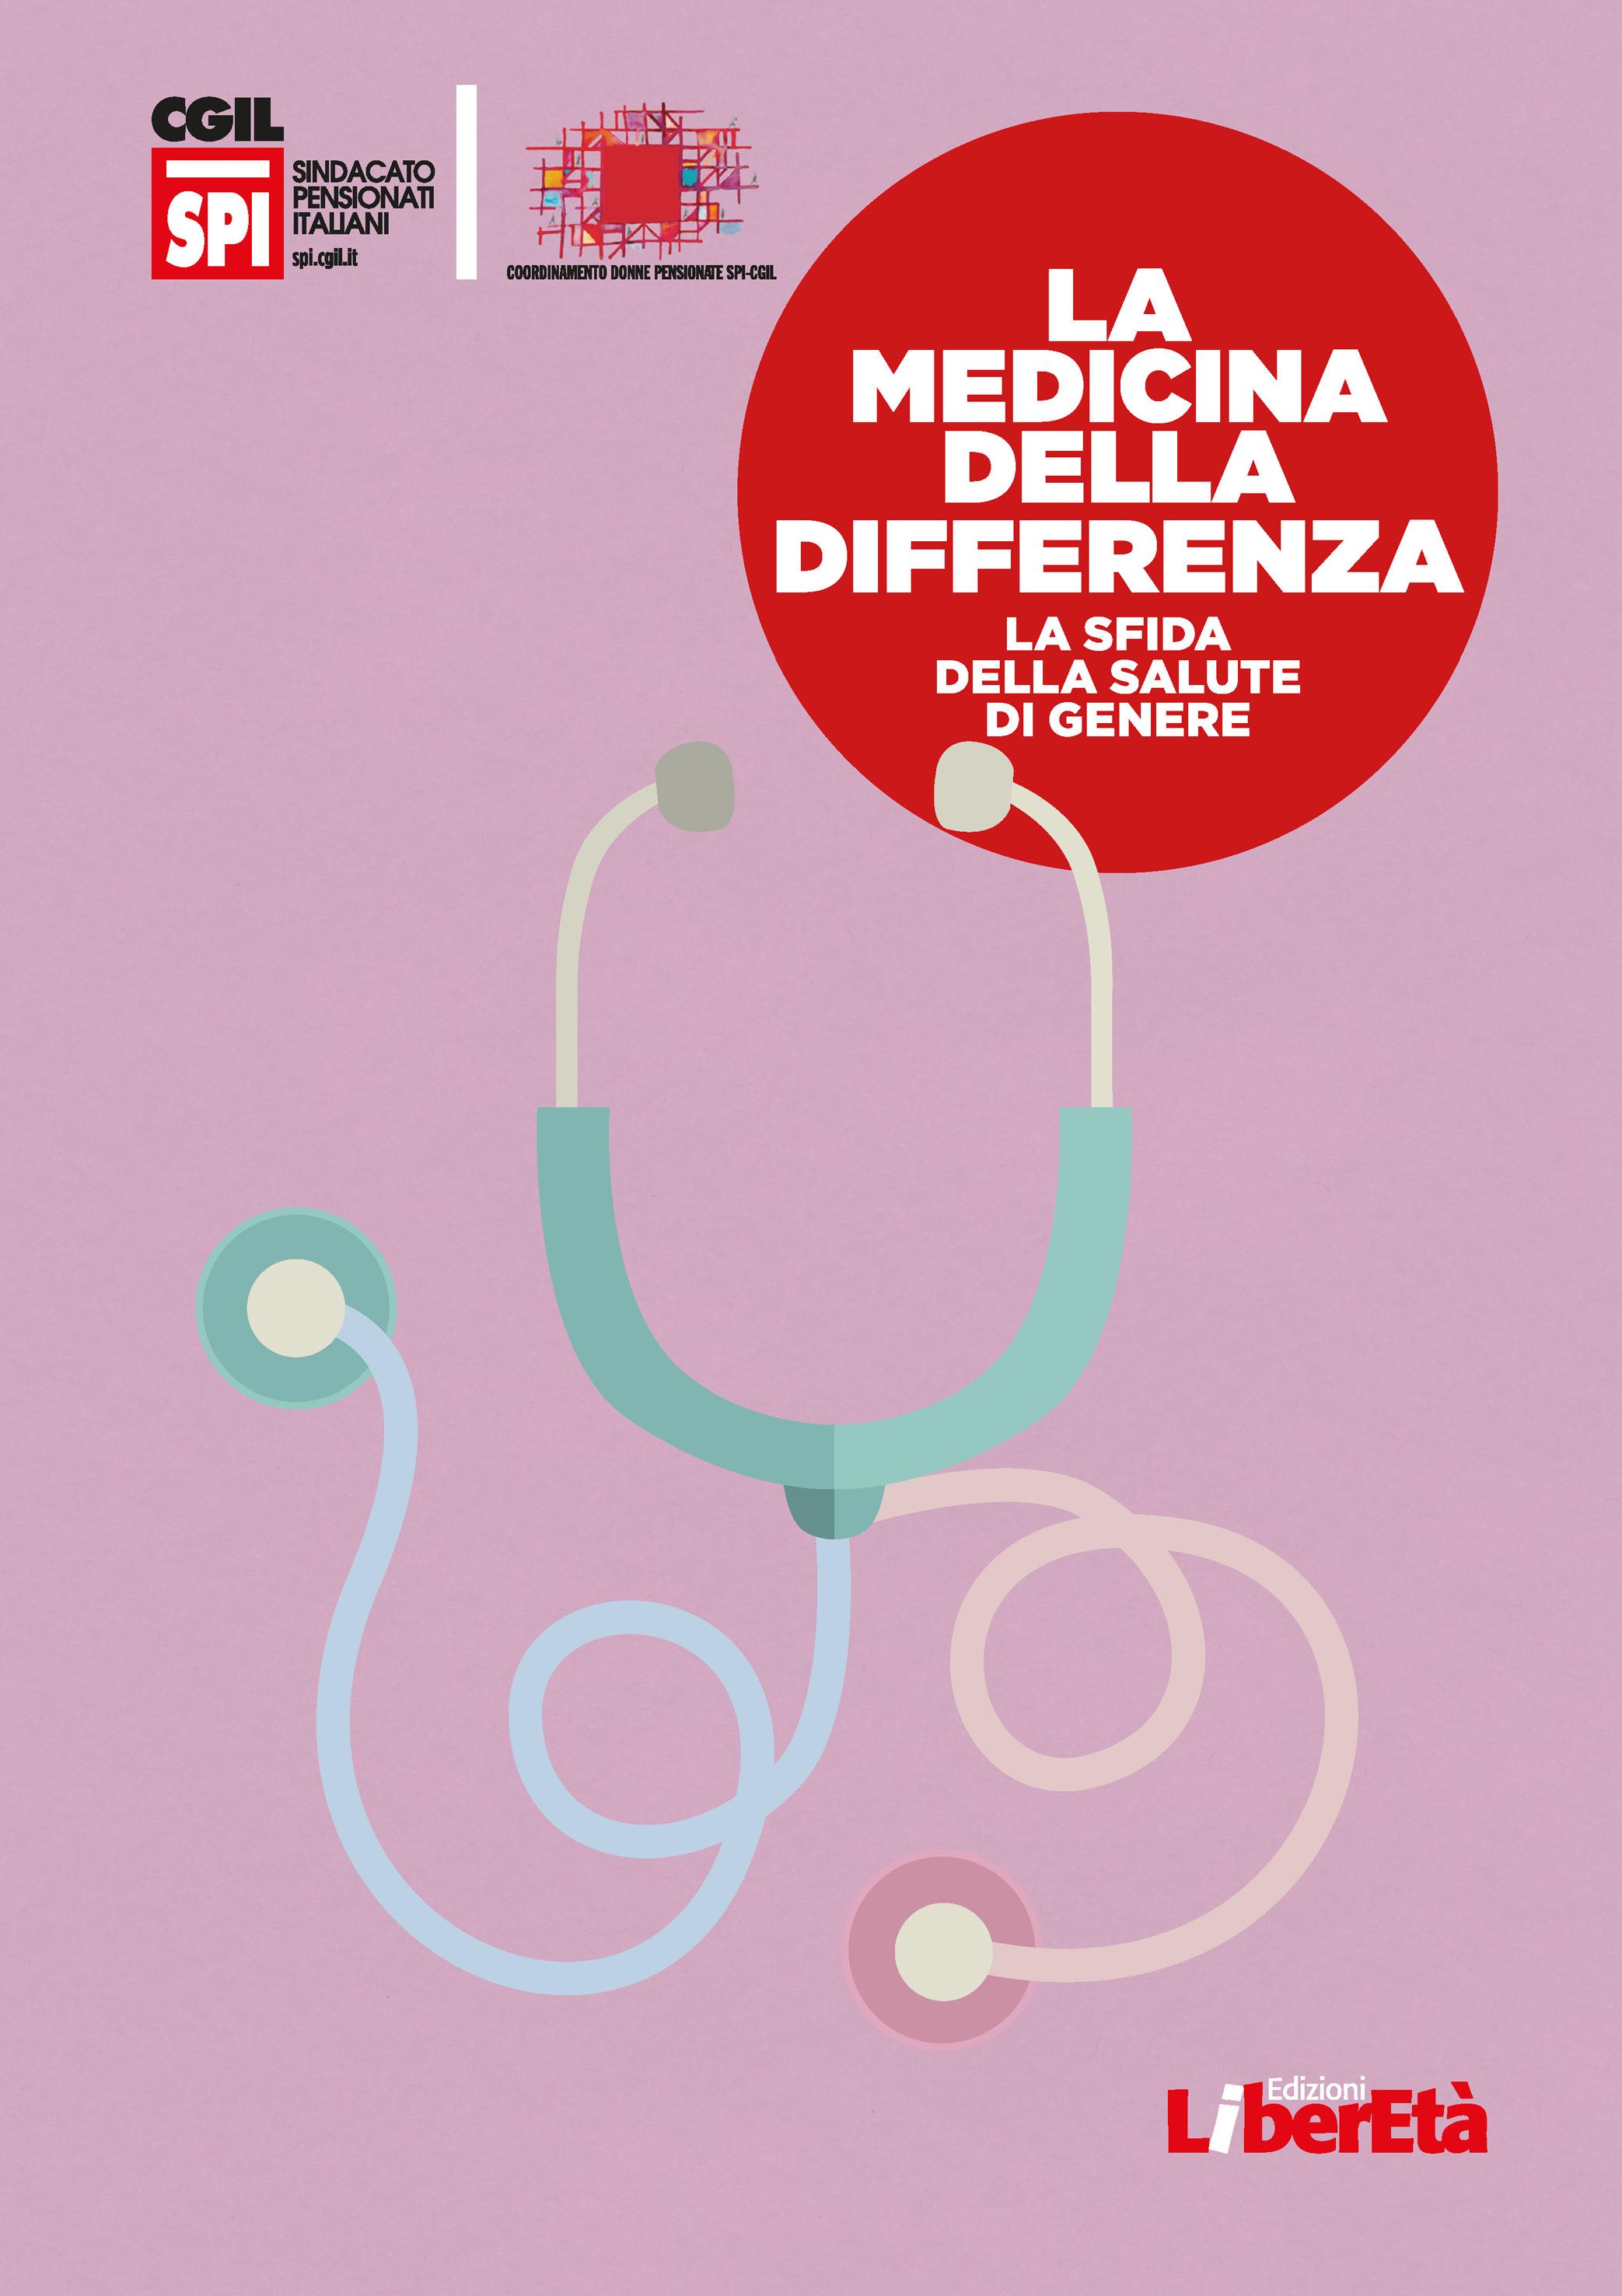 La medicina della differenza